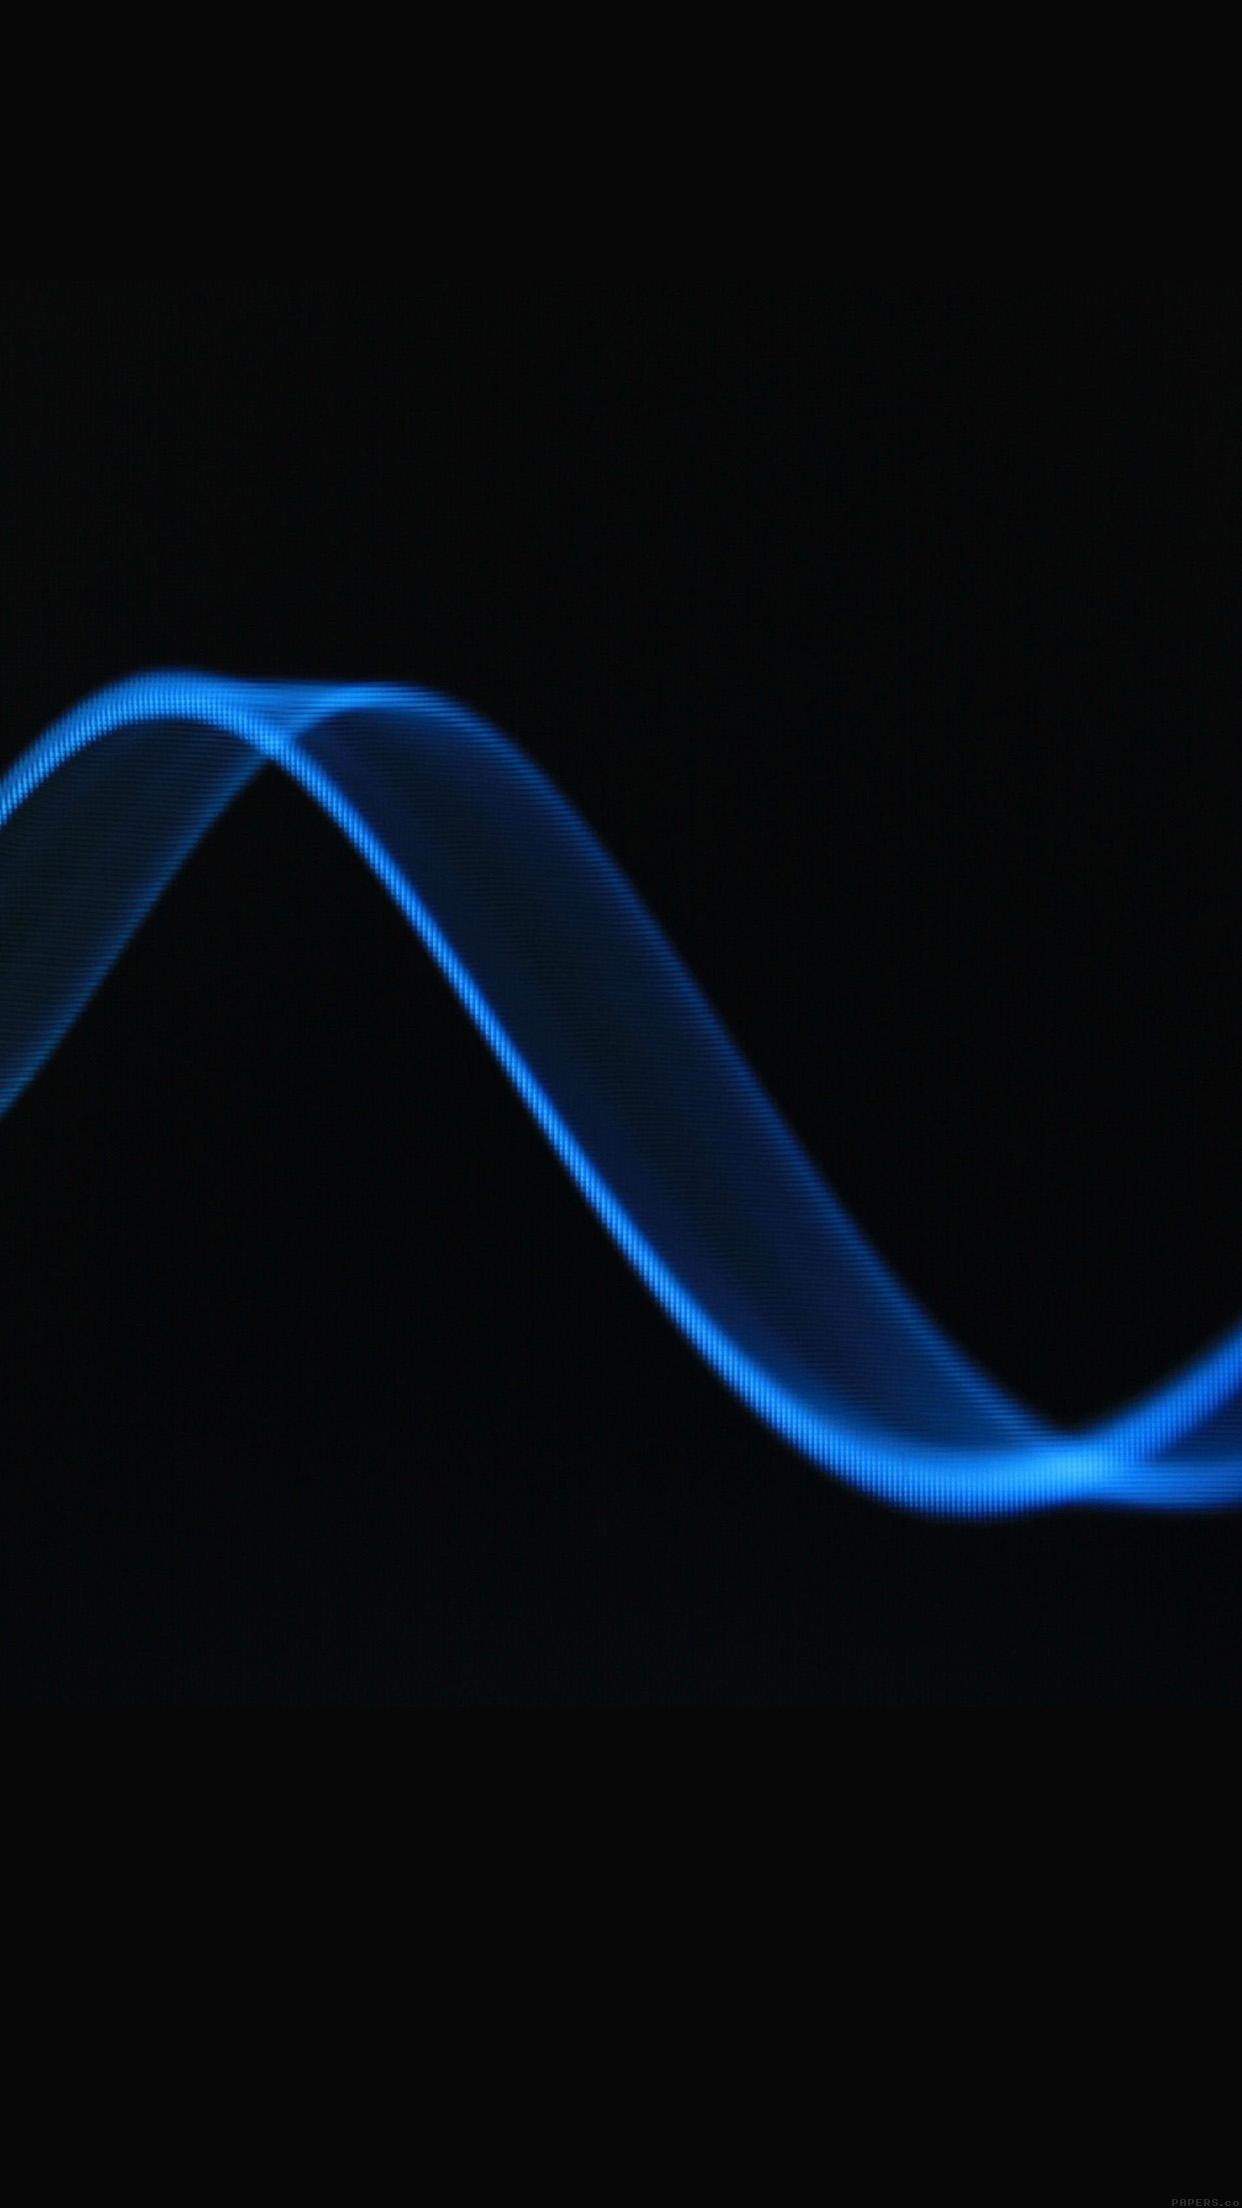 Iphonepapers Vf93 Wave Dark Blue Pattern